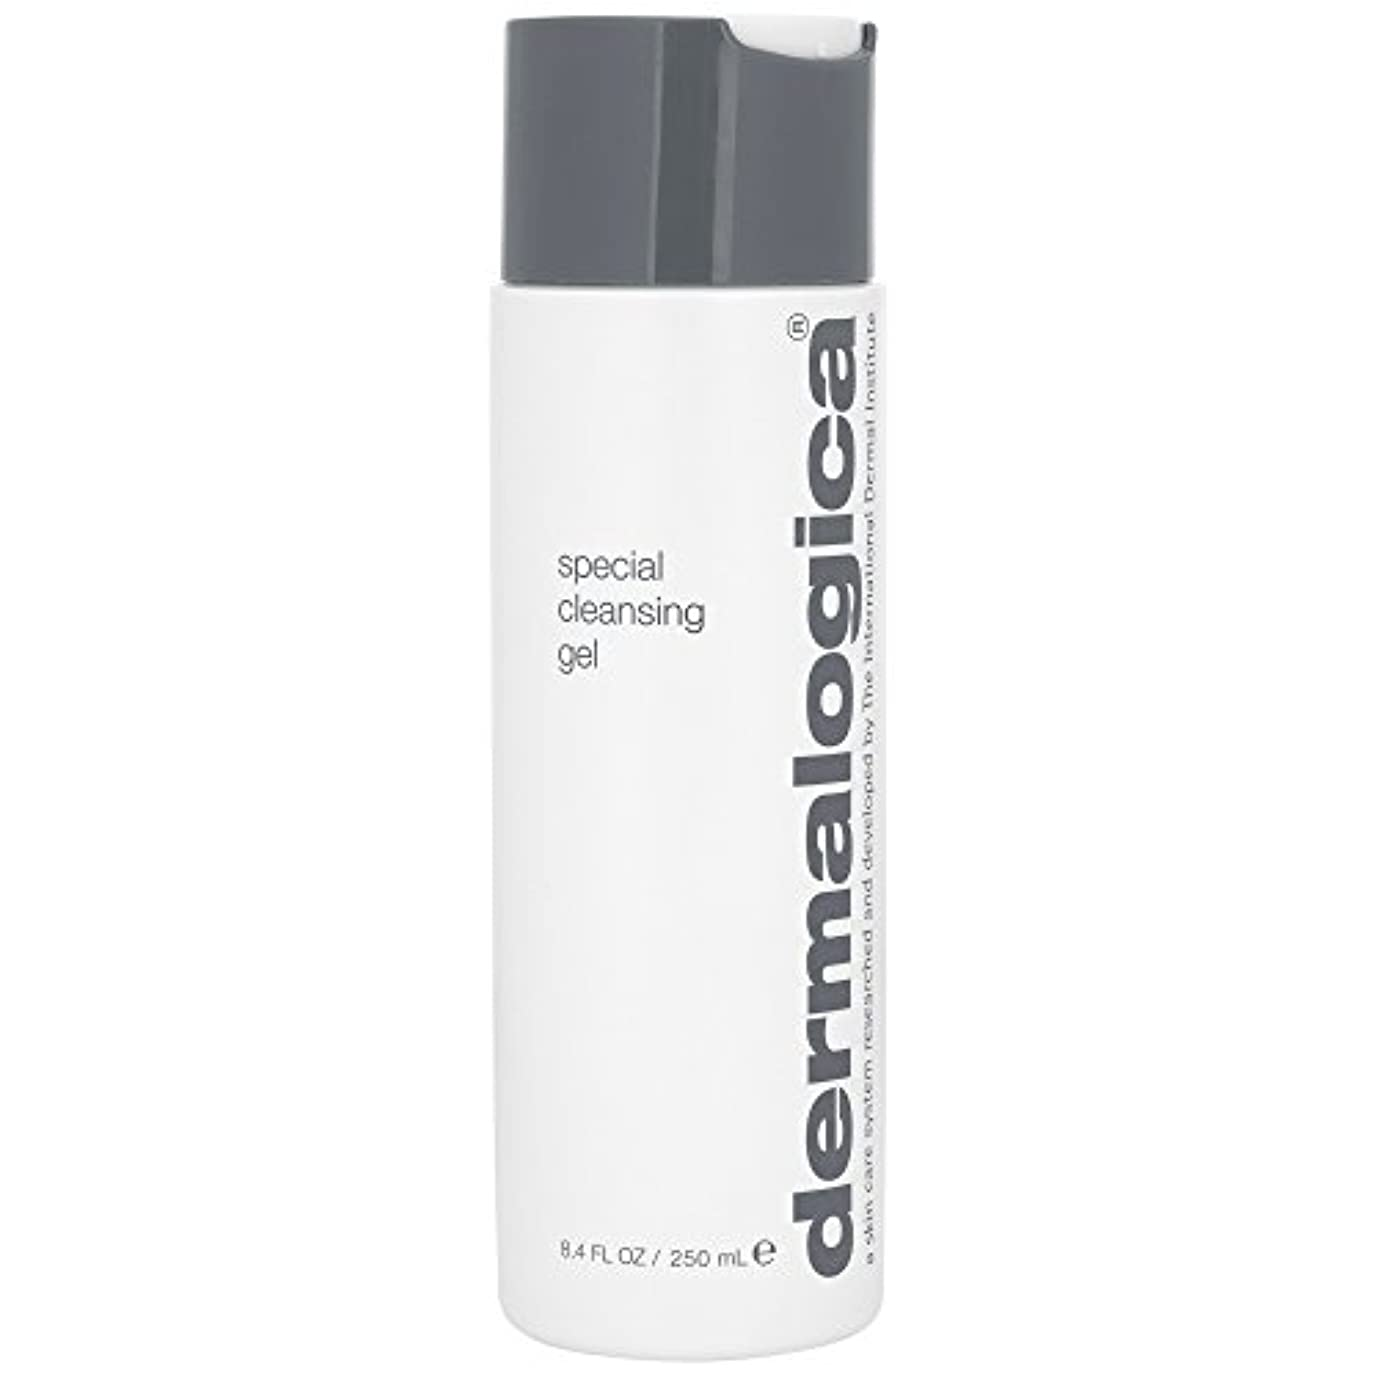 欲しいです中古亡命ダーマロジカ特別なクレンジングゲル250ミリリットル (Dermalogica) - Dermalogica Special Cleansing Gel 250ml [並行輸入品]